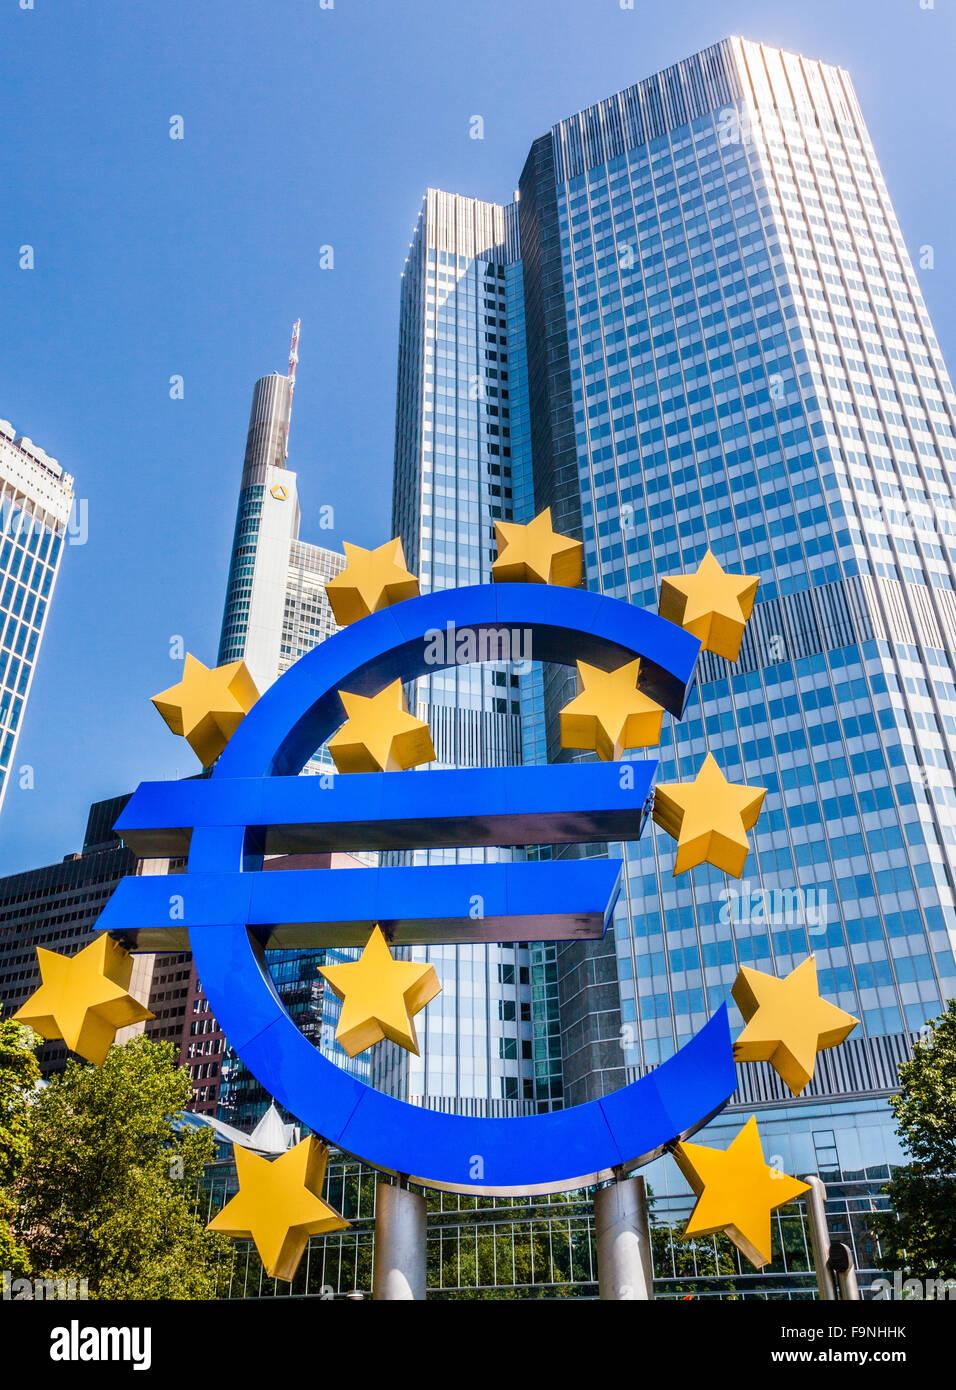 Alemania, Hesse, Fráncfort del Meno, el símbolo del euro en la Eurotower del Banco Central Europeo, BCE Foto de stock